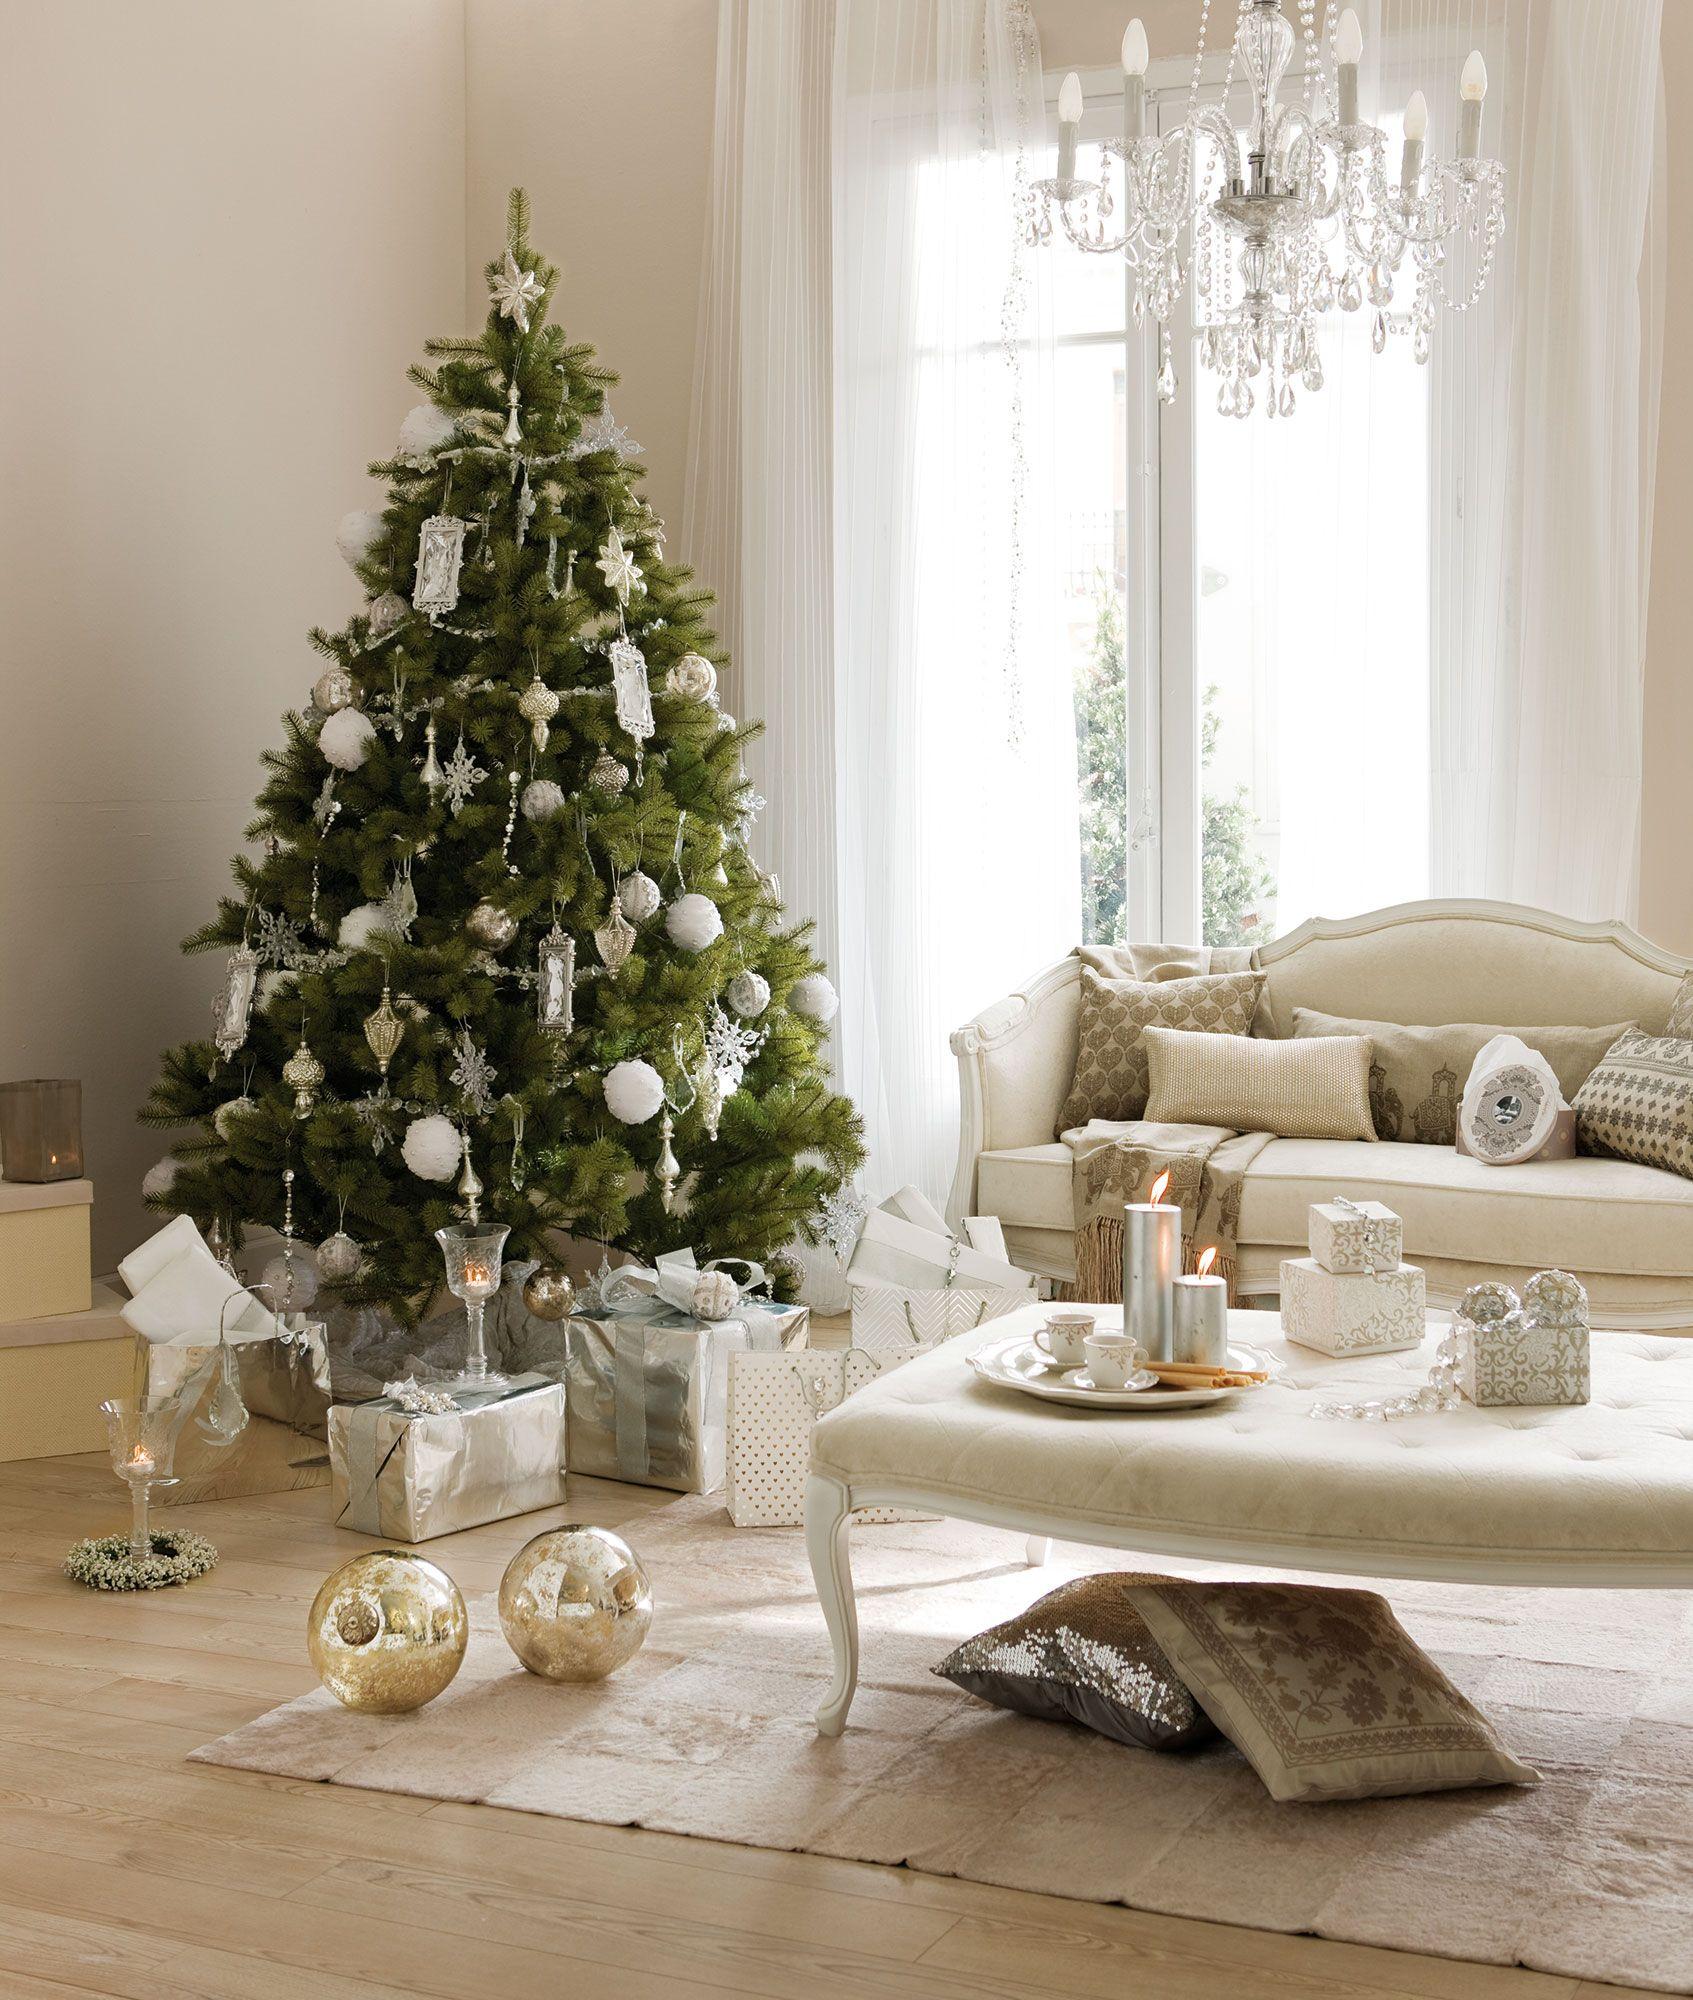 Salón con árbol de Navidad decorado en blanco y plata | Decorar tu ...